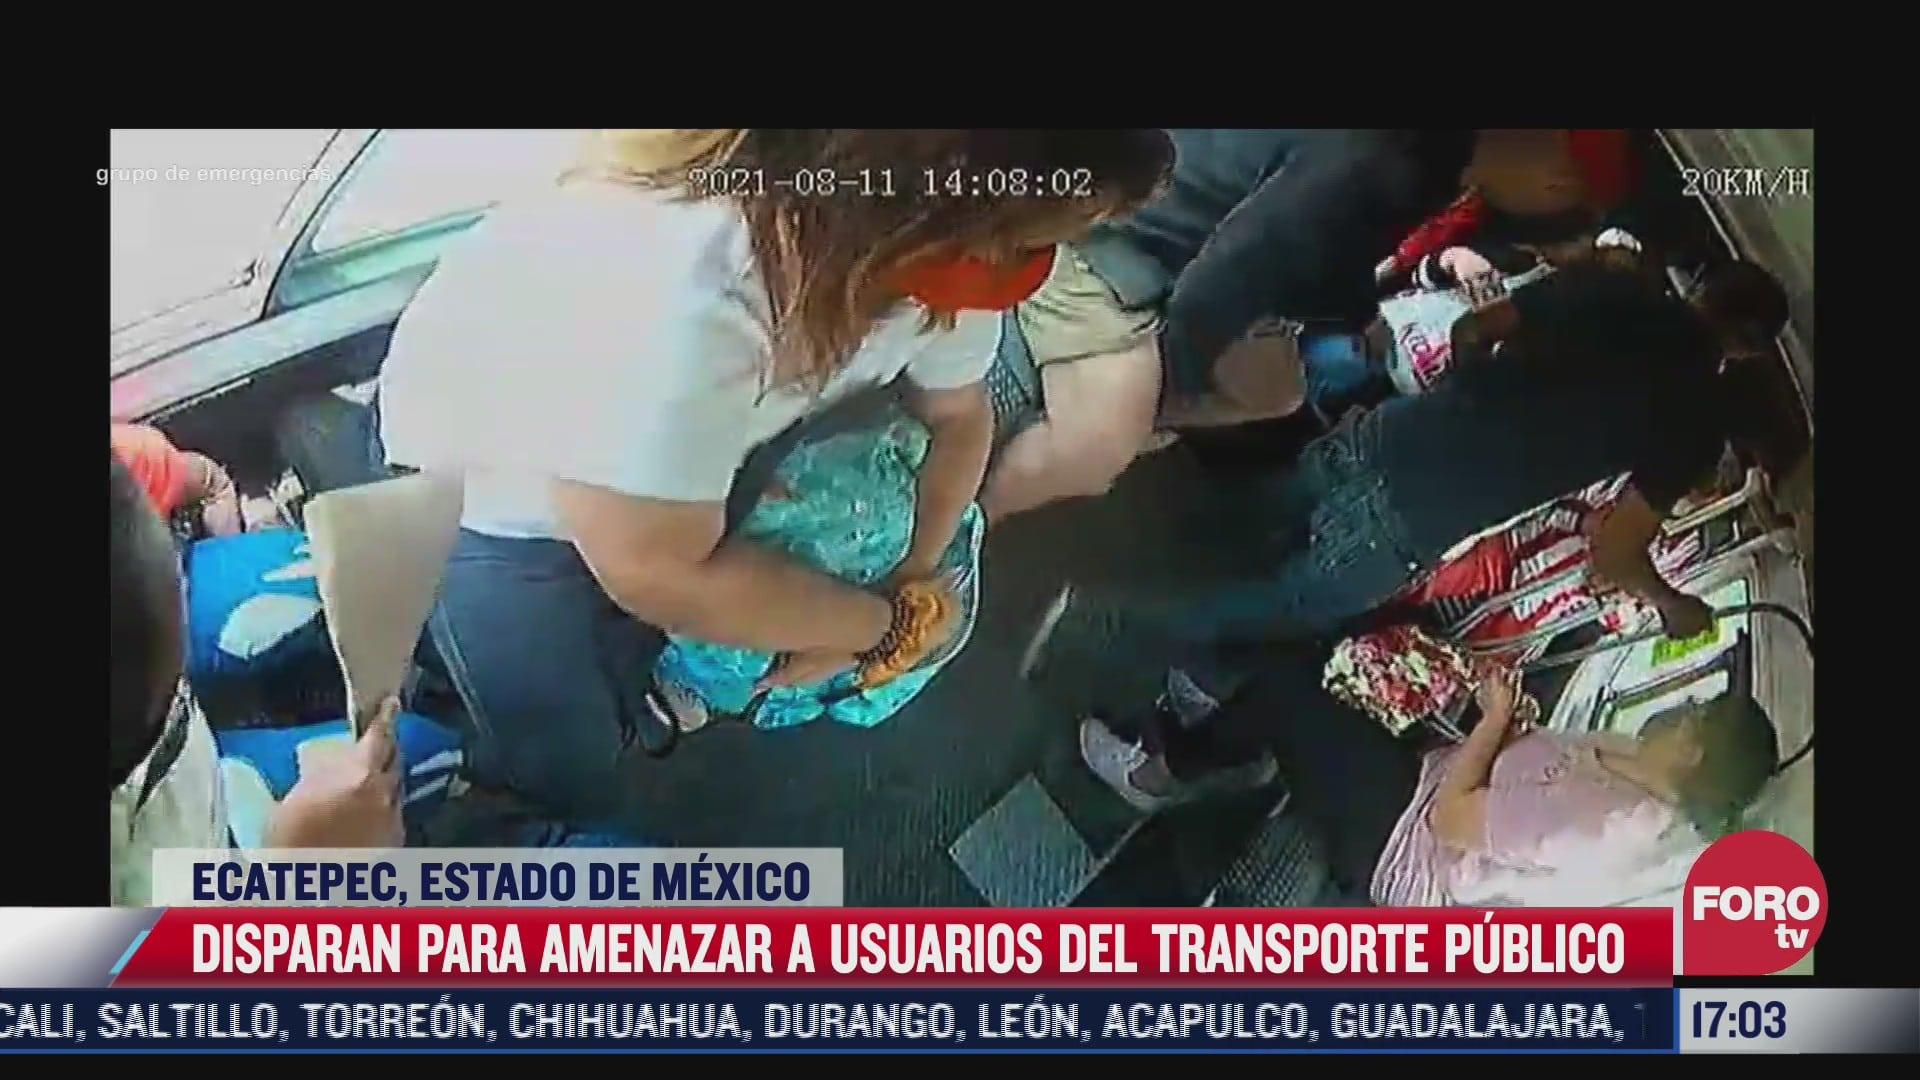 disparan para amenazar a usuarios del transporte publico en ecatepec